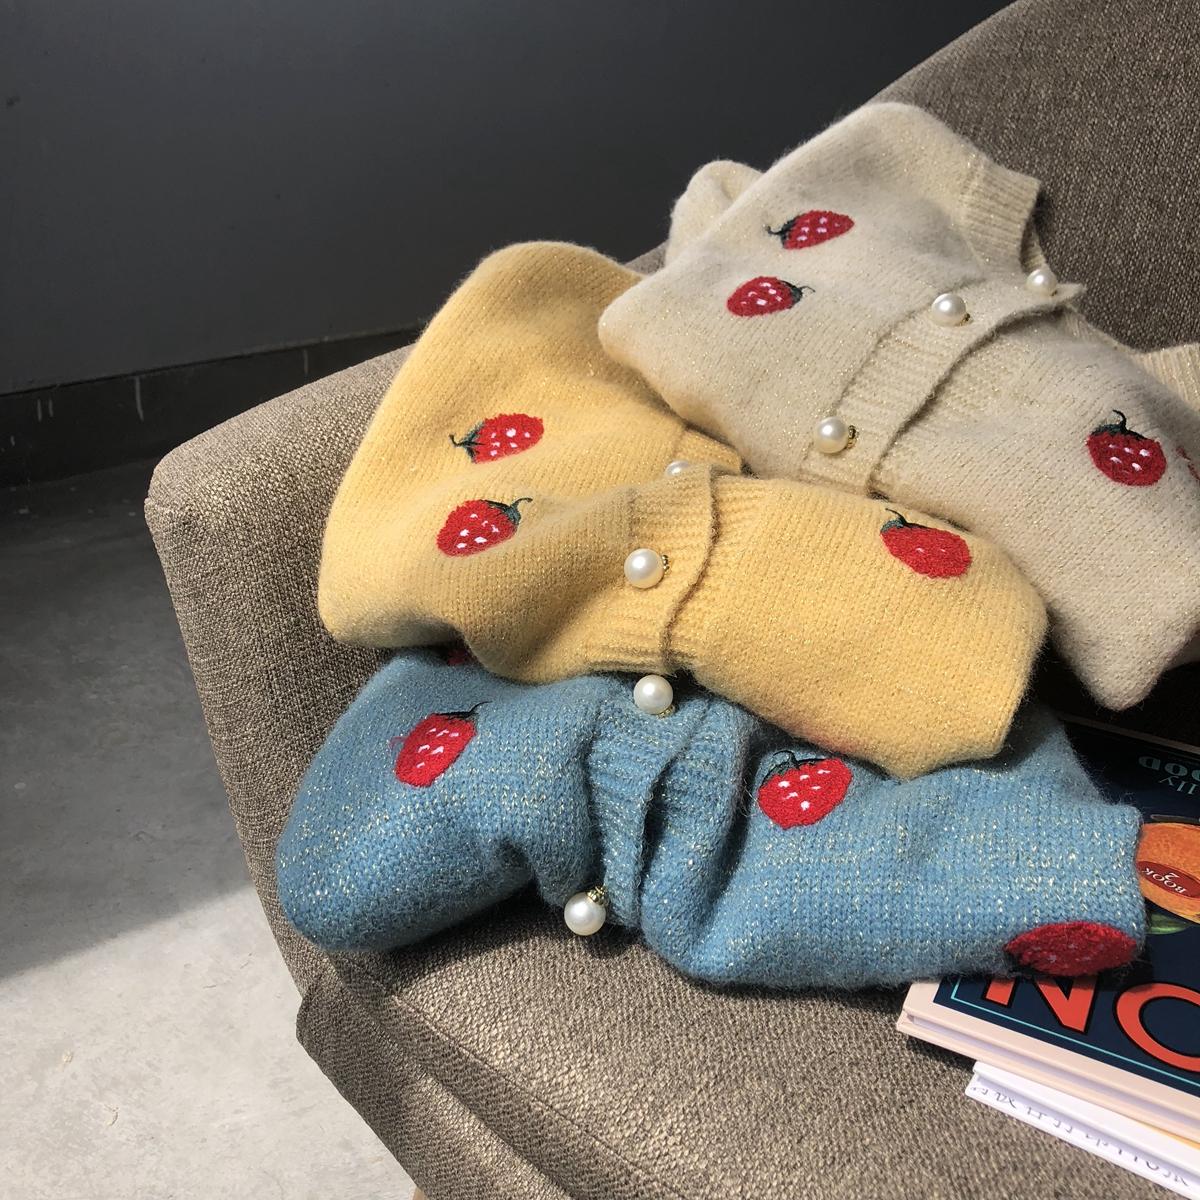 草莓刺绣の珍珠扣亮丝慵懒大毛衣外套女2019秋款韩版针织开衫外套